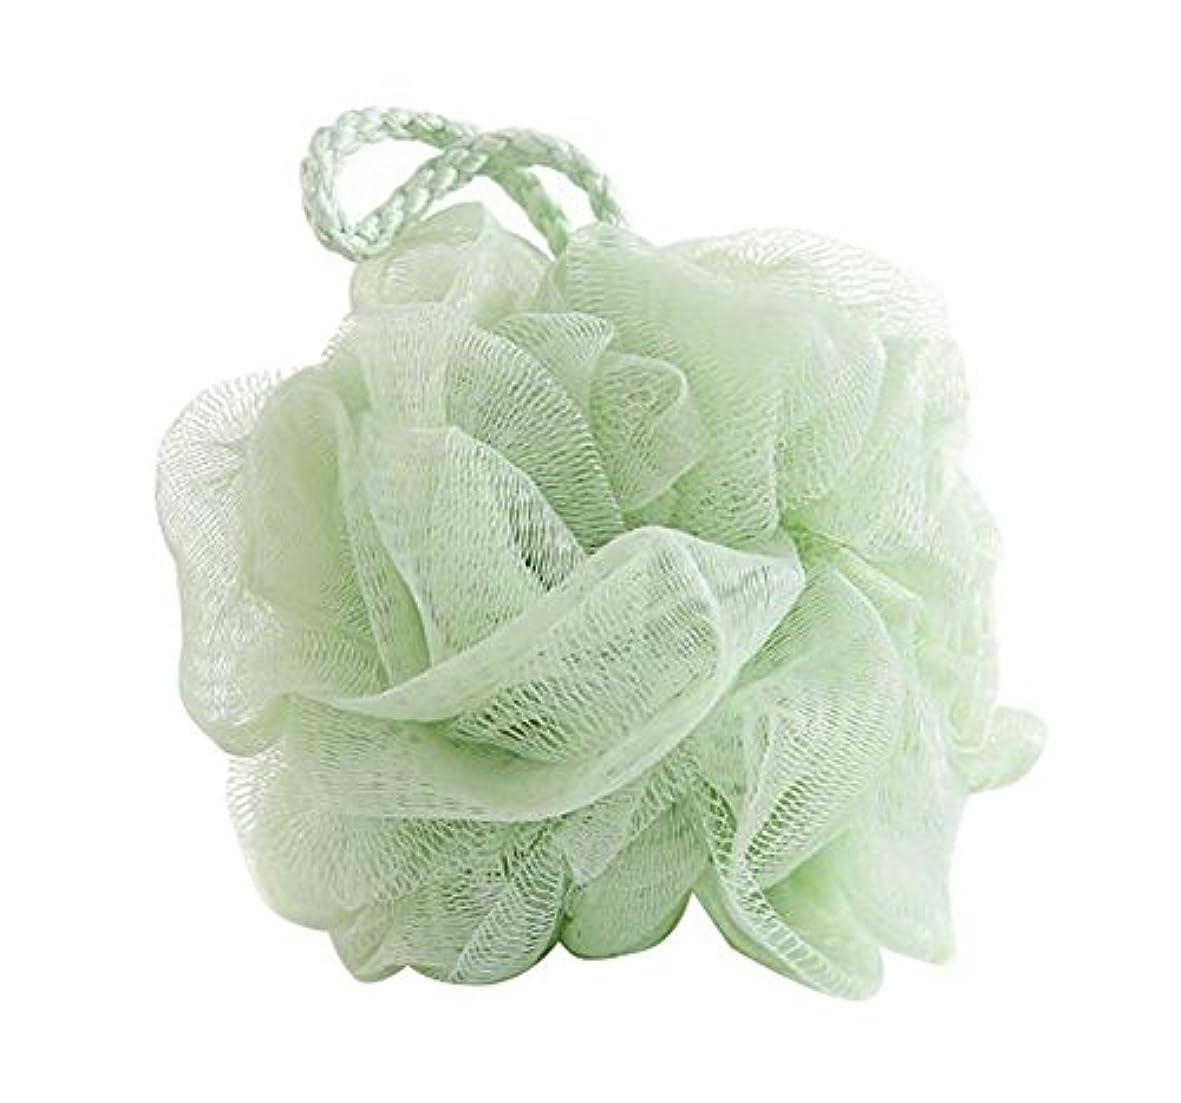 オーラルオアシス手綱柔らかいバスボール美しいラビングバスタオル、グリーン